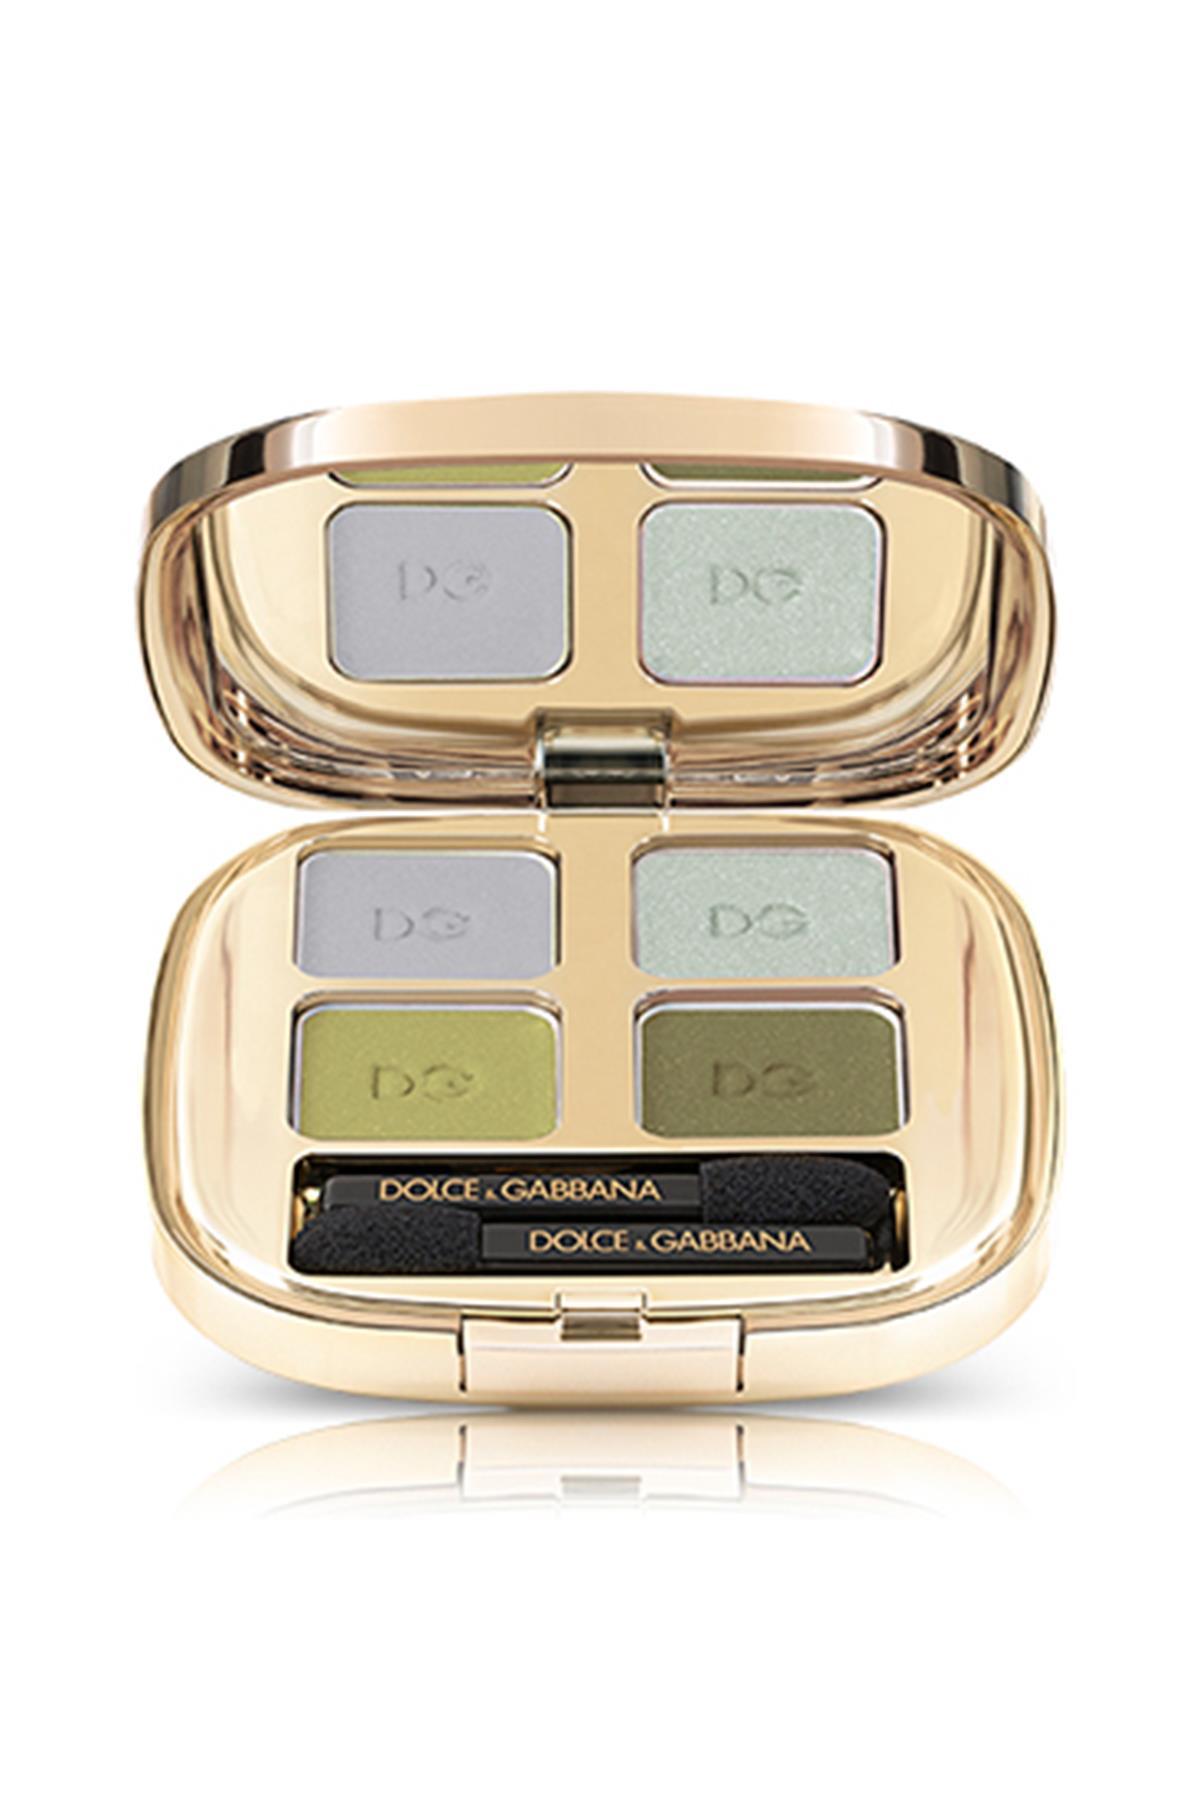 Dolce Gabbana Smooth Eye Colour Quad Göz Farı 151 Forest Mist